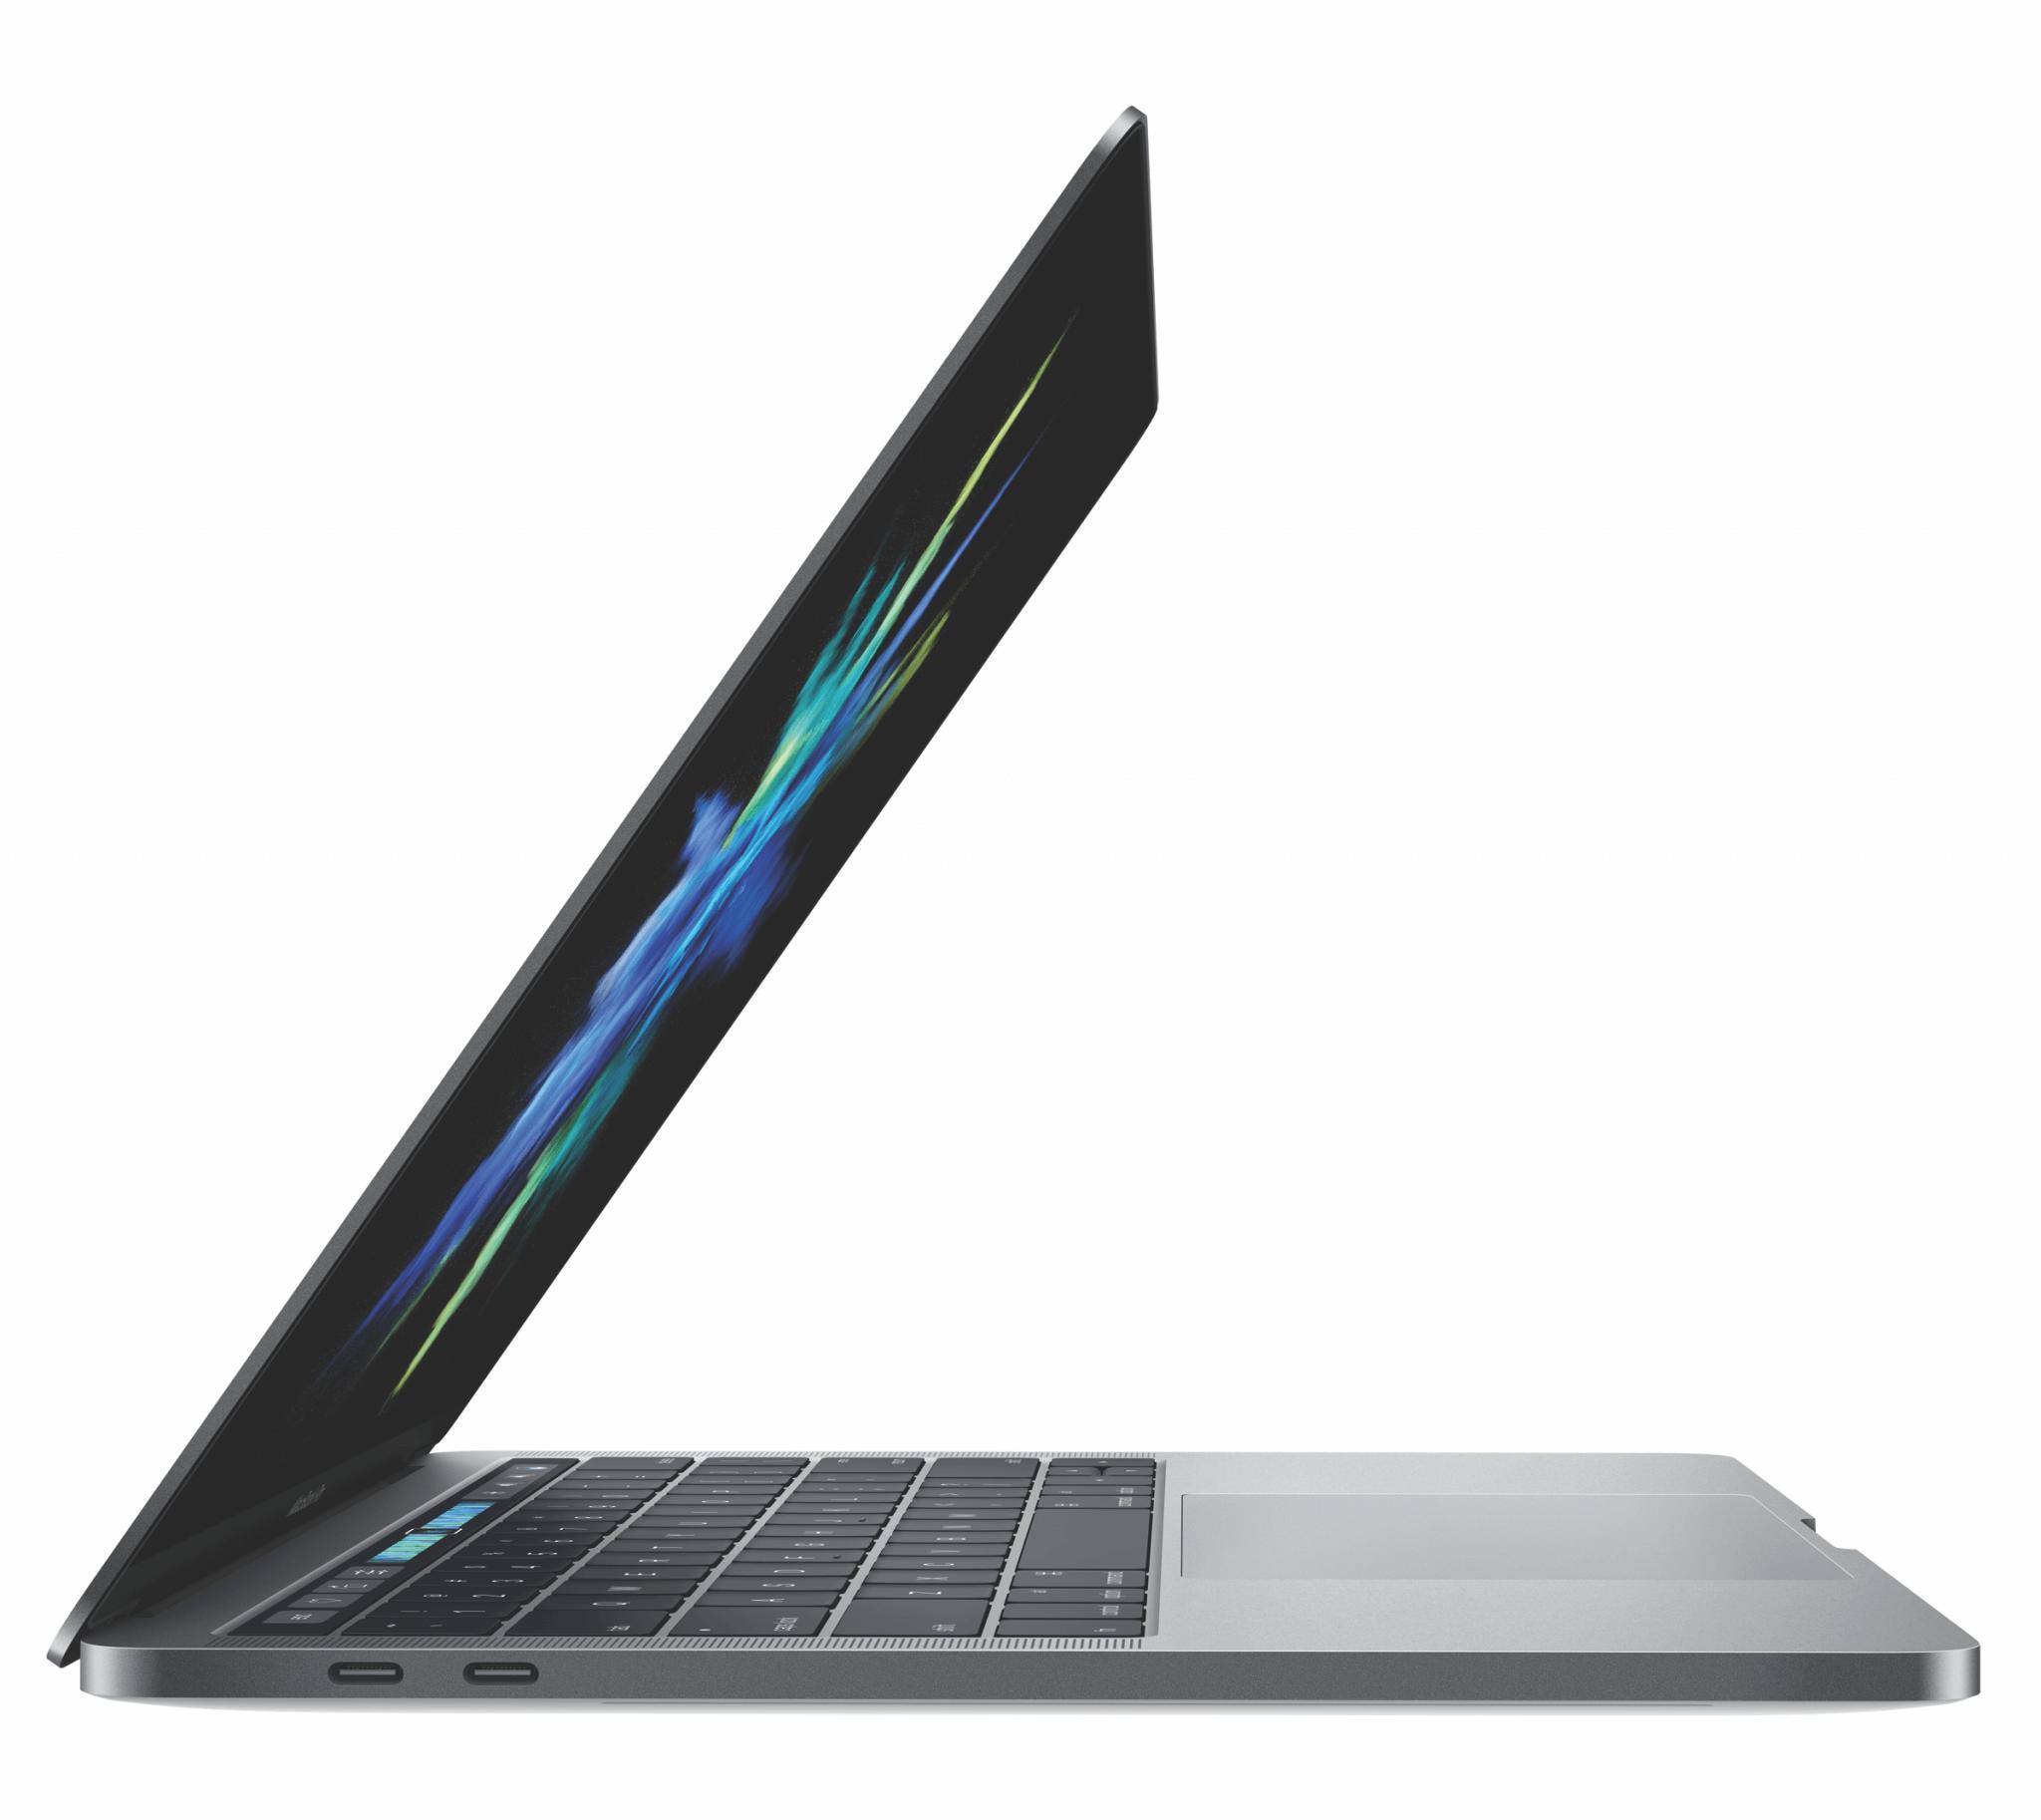 MacBook Pro 2016 mit 13-Zoll-Display und Touch Bar in Space Grau (Bildrechte: Apple)